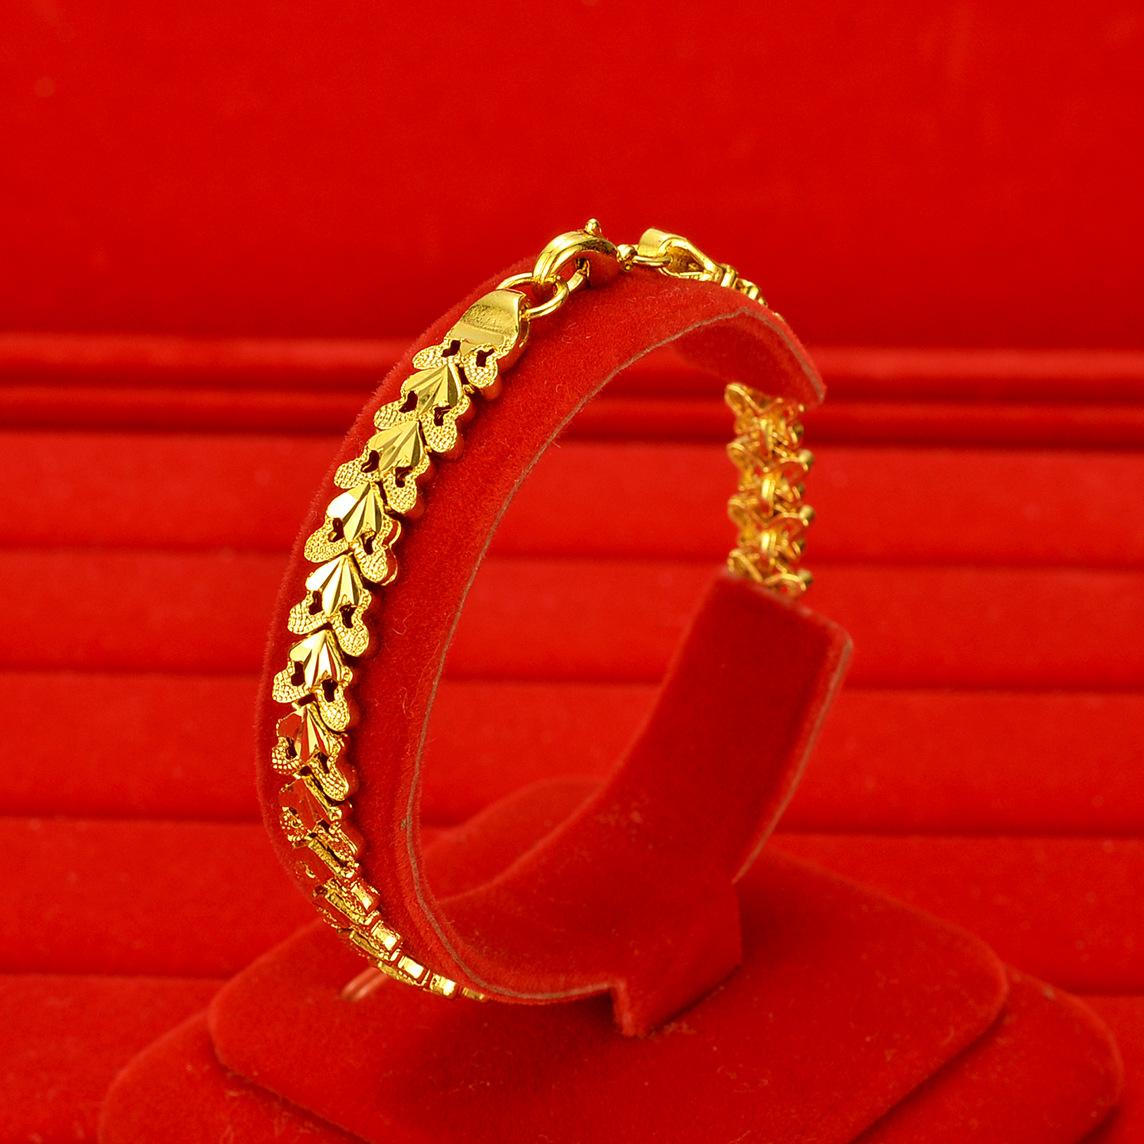 沙金手鍊女 仿黃金手飾女款飾品仿真黃金色鍍金龍蝦扣手鍊女批發